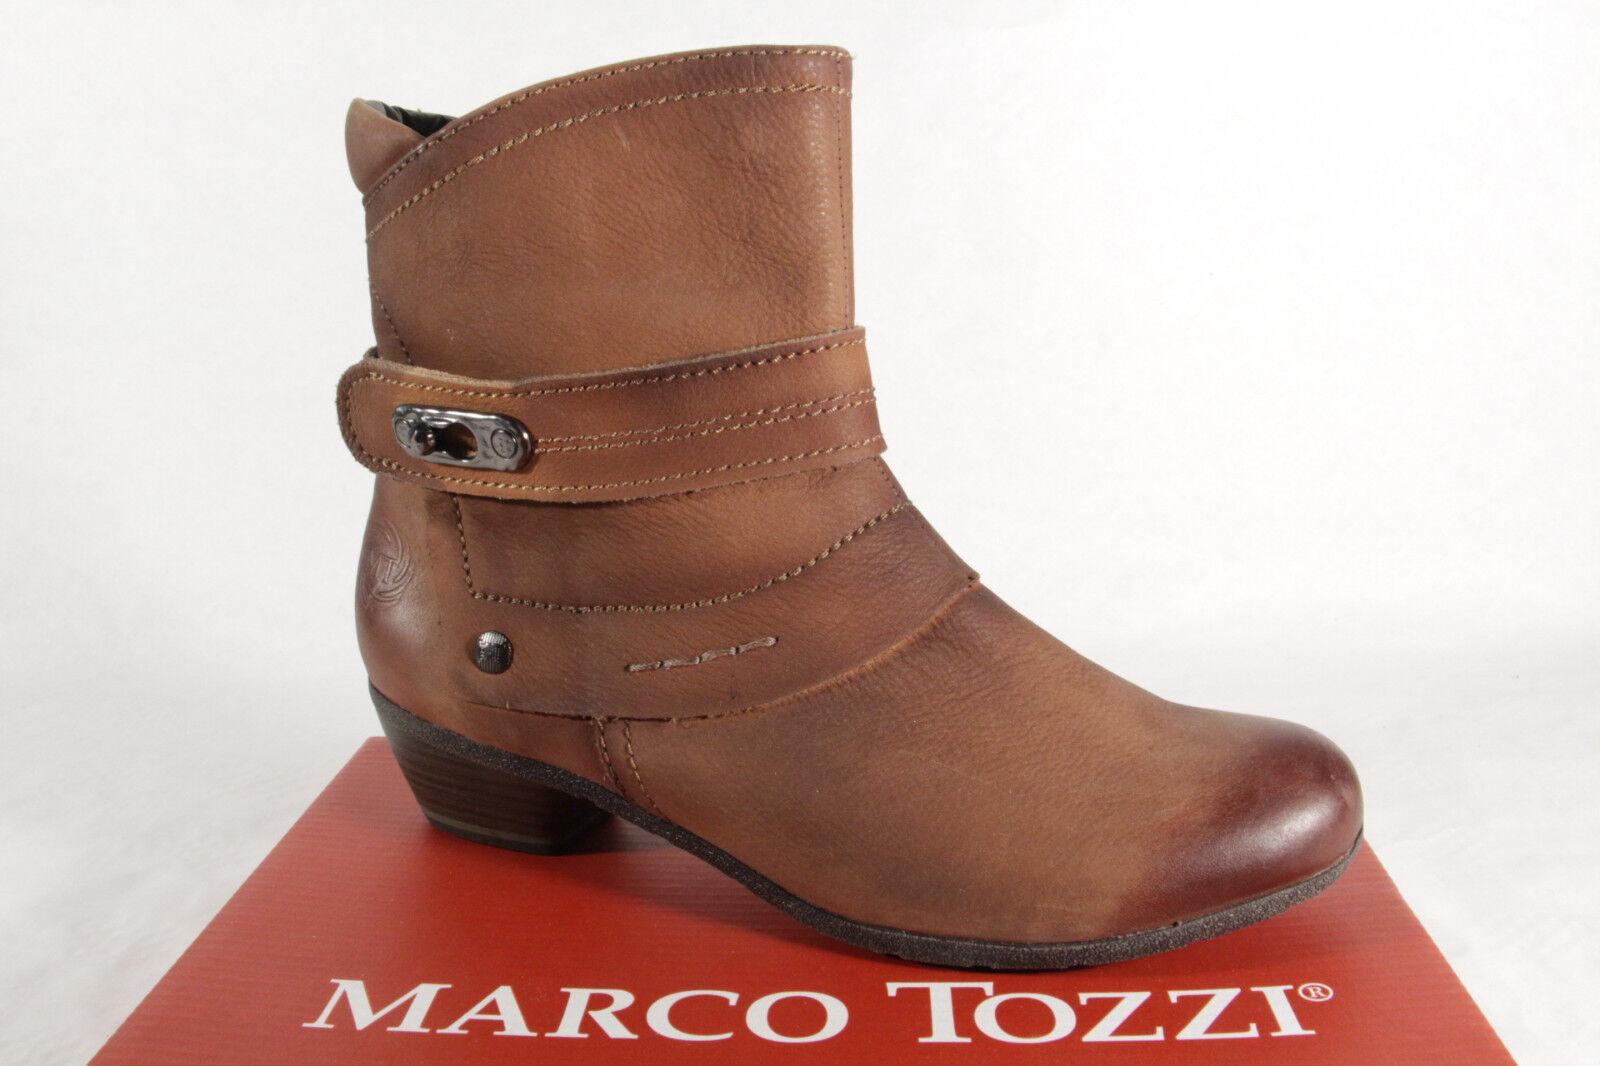 Marco Tozzi 25356 señora botas botines marrón botas de cuero genuino marrón botines nuevo 77e83d